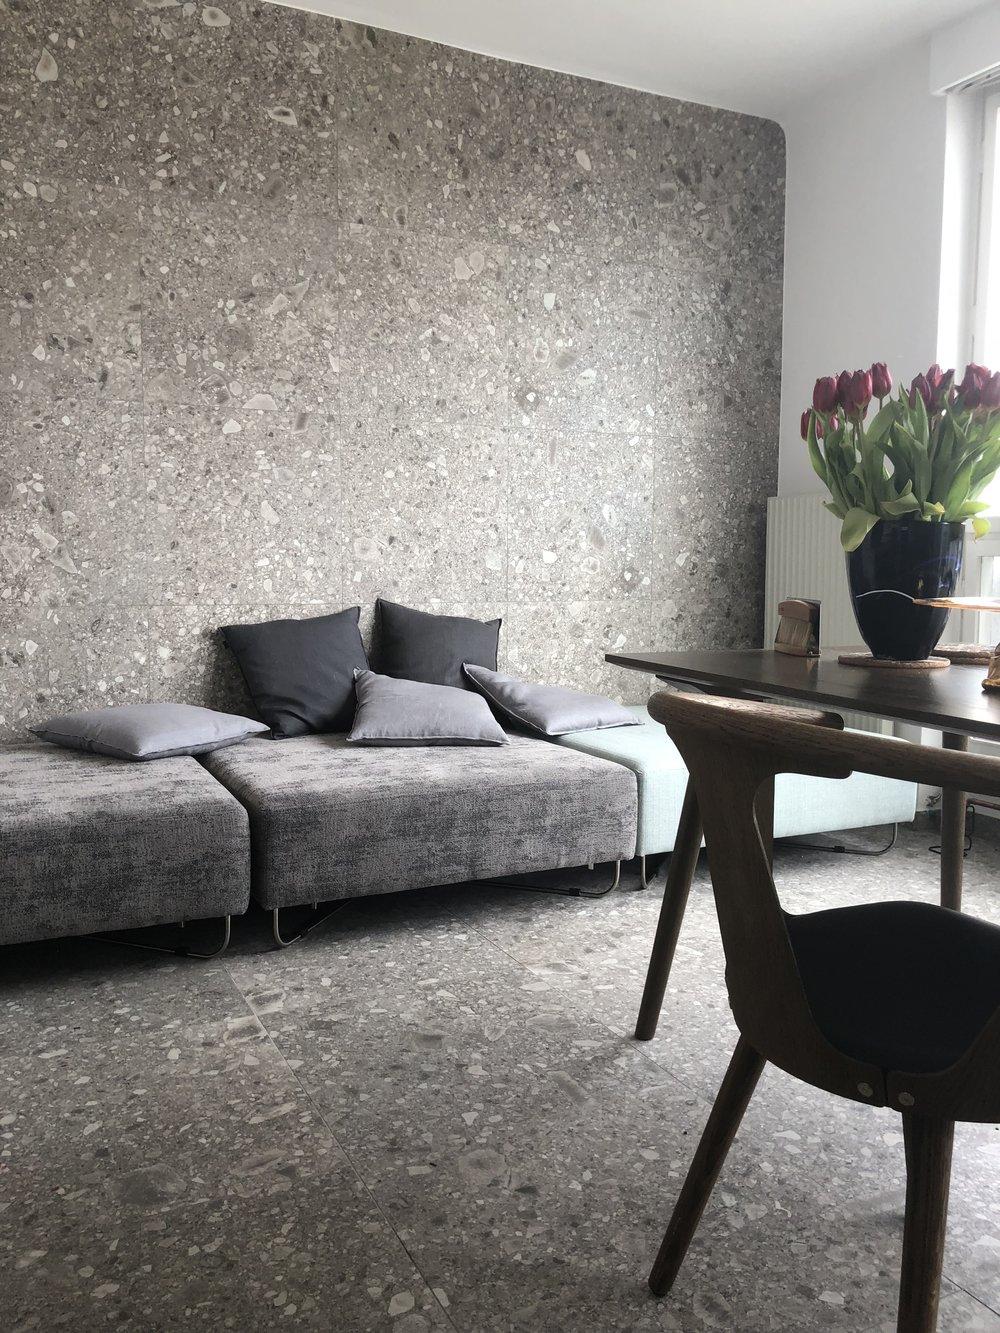 Modernes Wohnzimmer mit grossformatigen Fliesen